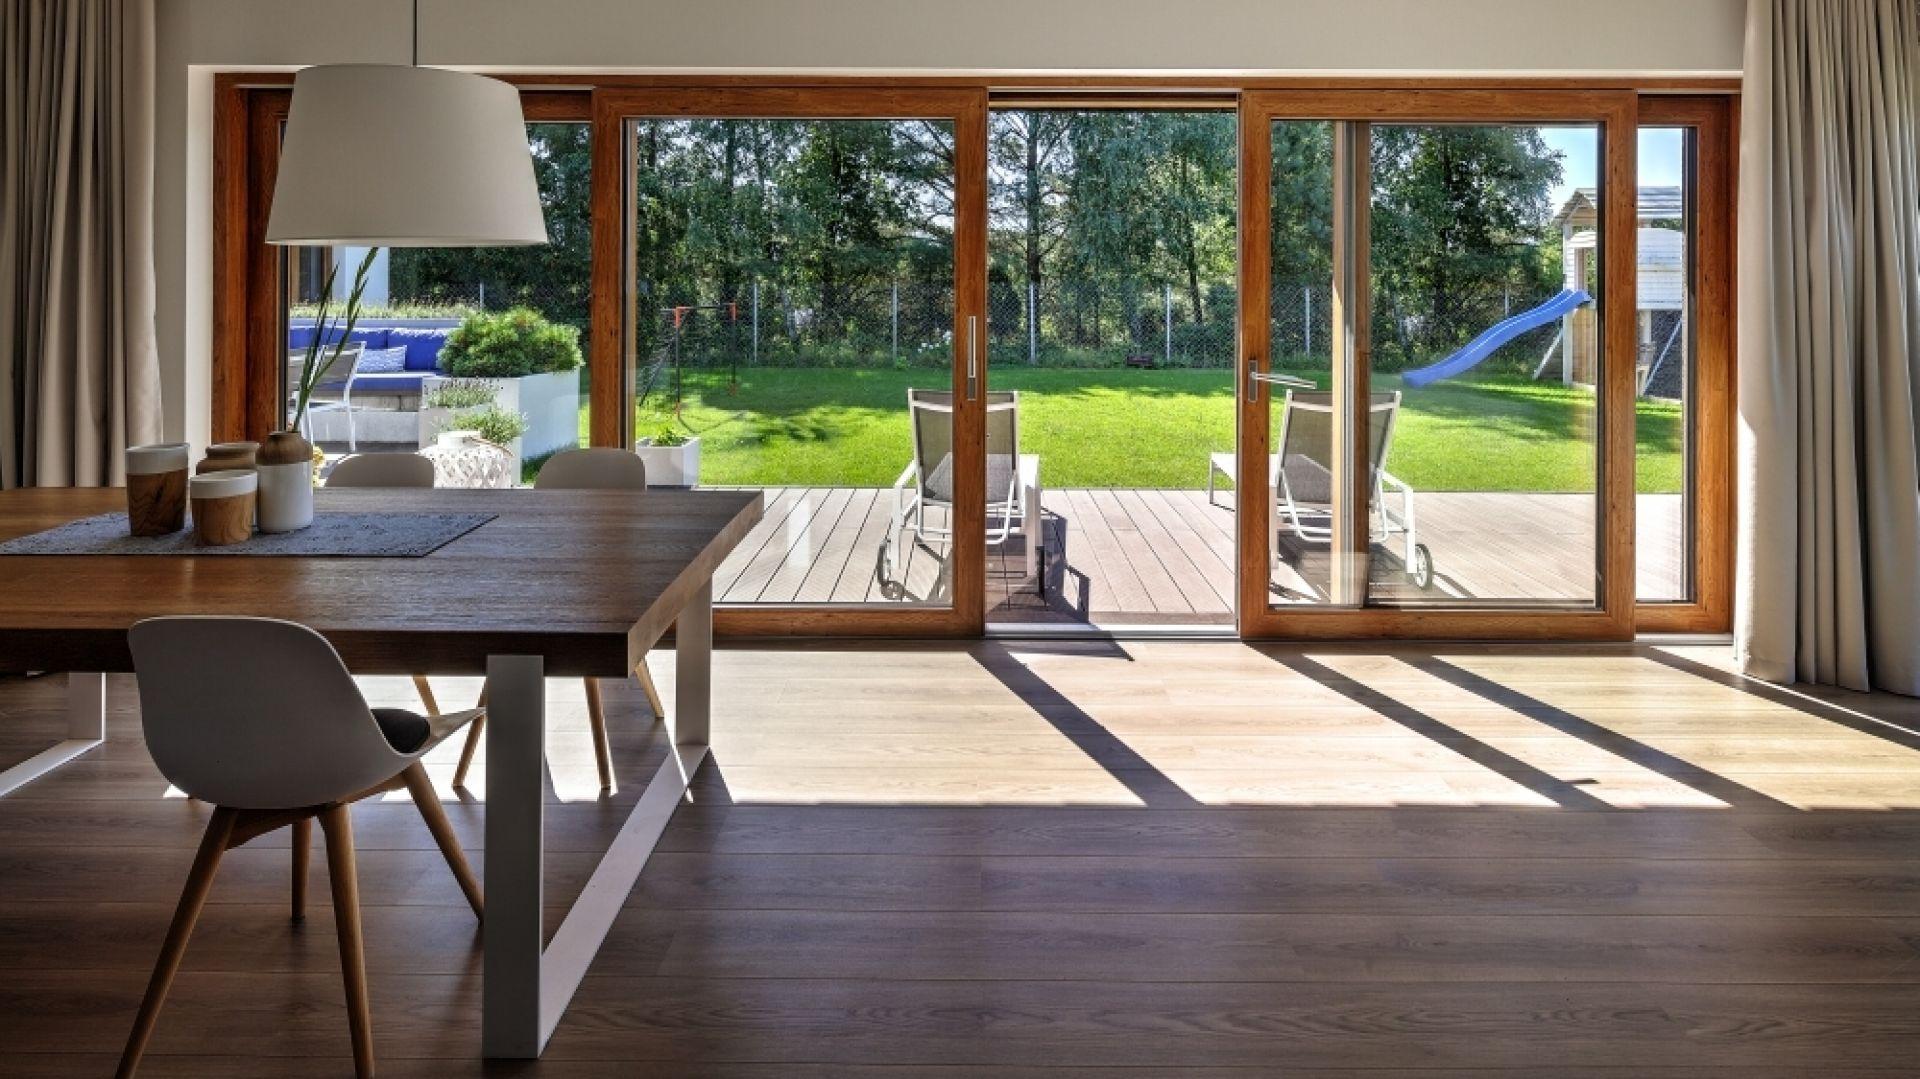 W produkcji okien z PVC coraz częściej wykorzystuje się tworzywo pochodzące z recyklingu. Fot. MS więcej niż Okna